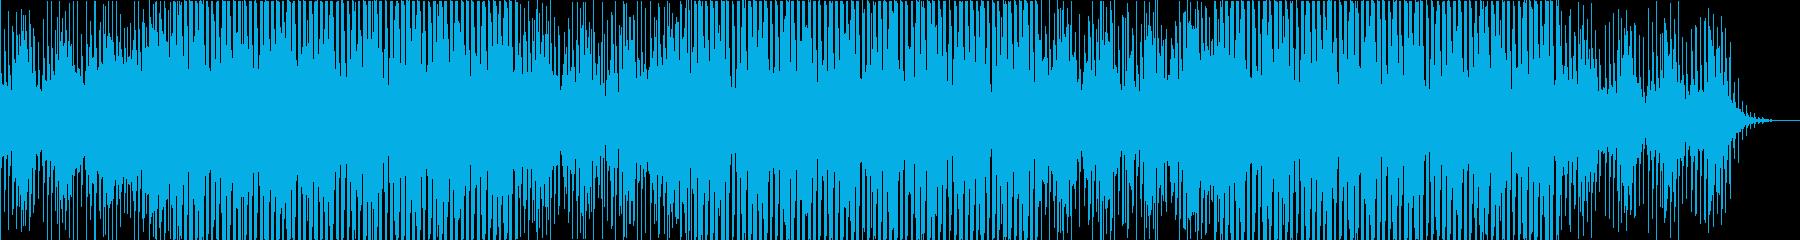 シンプルで爽やかなシンセの企業VPの再生済みの波形